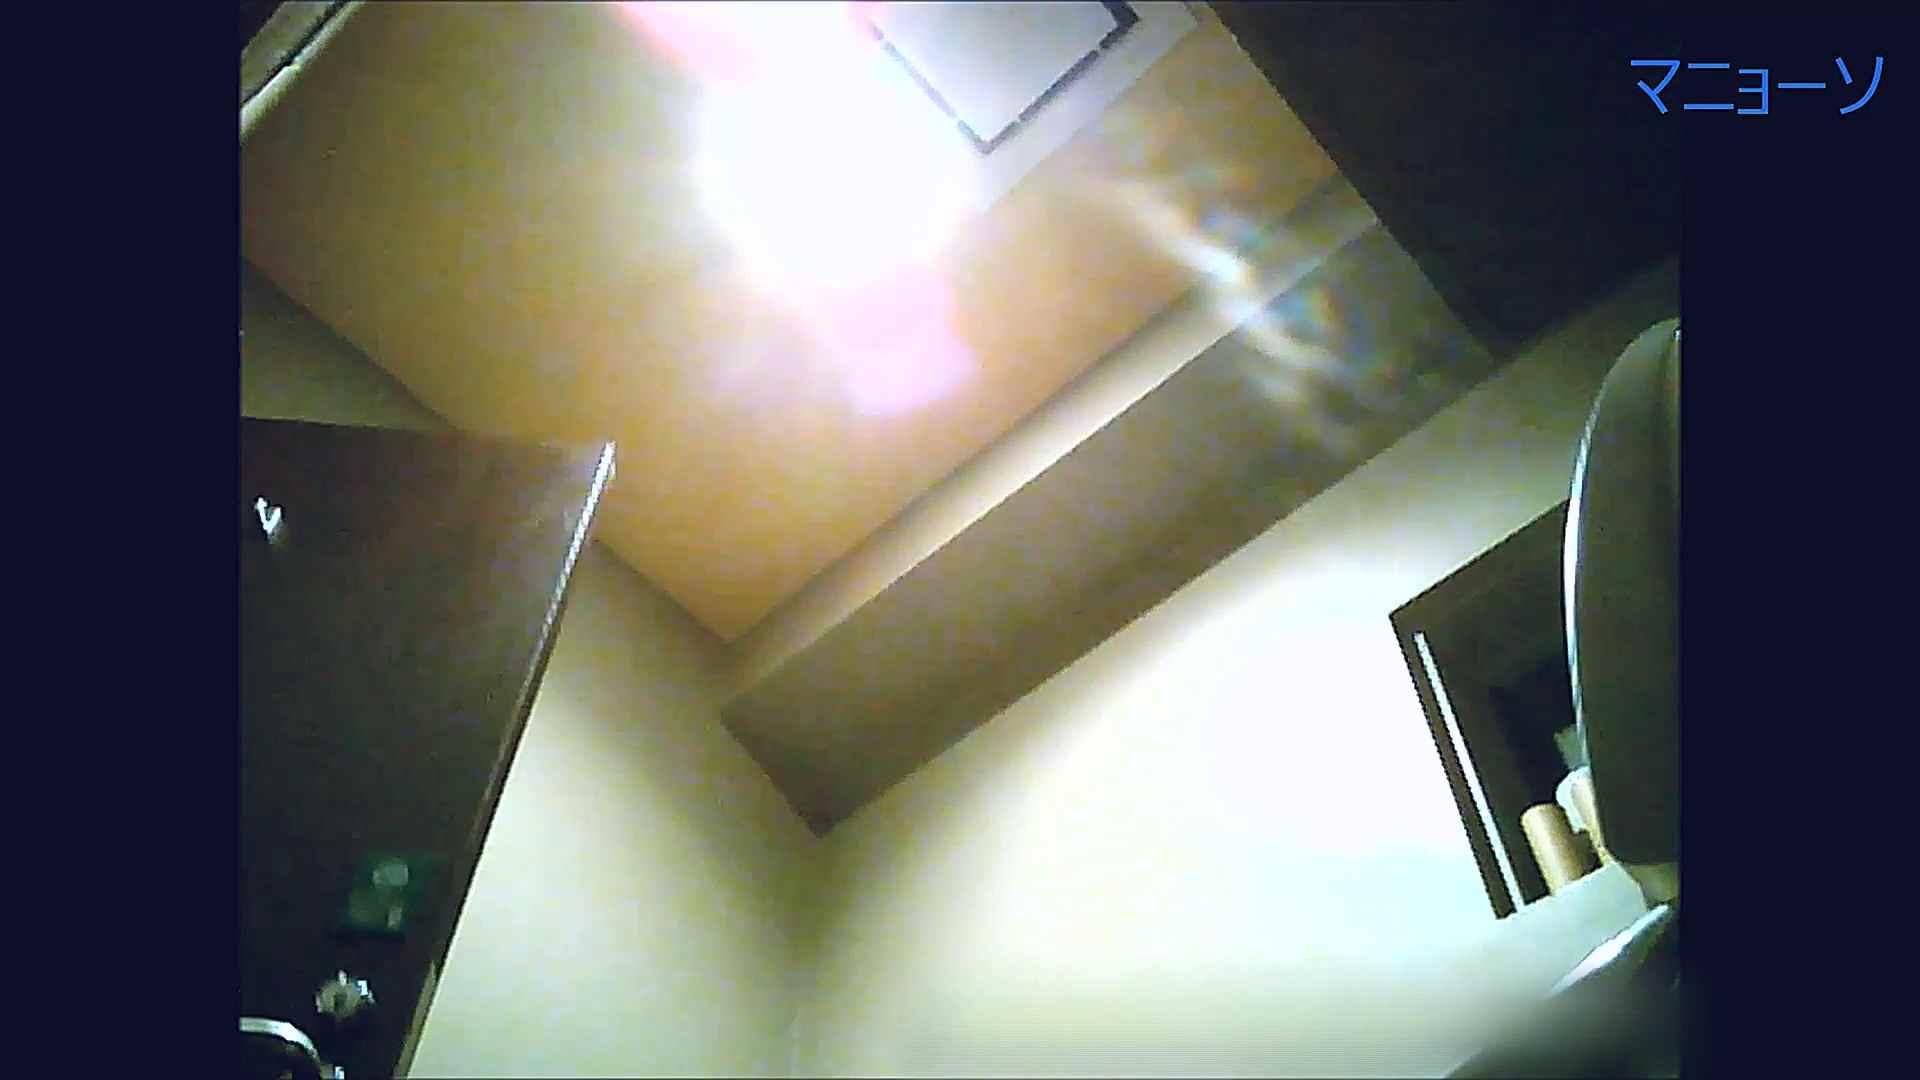 トイレでひと肌脱いでもらいました (OL編)Vol.13 禁断のトイレ | エッチなOL  102枚 79